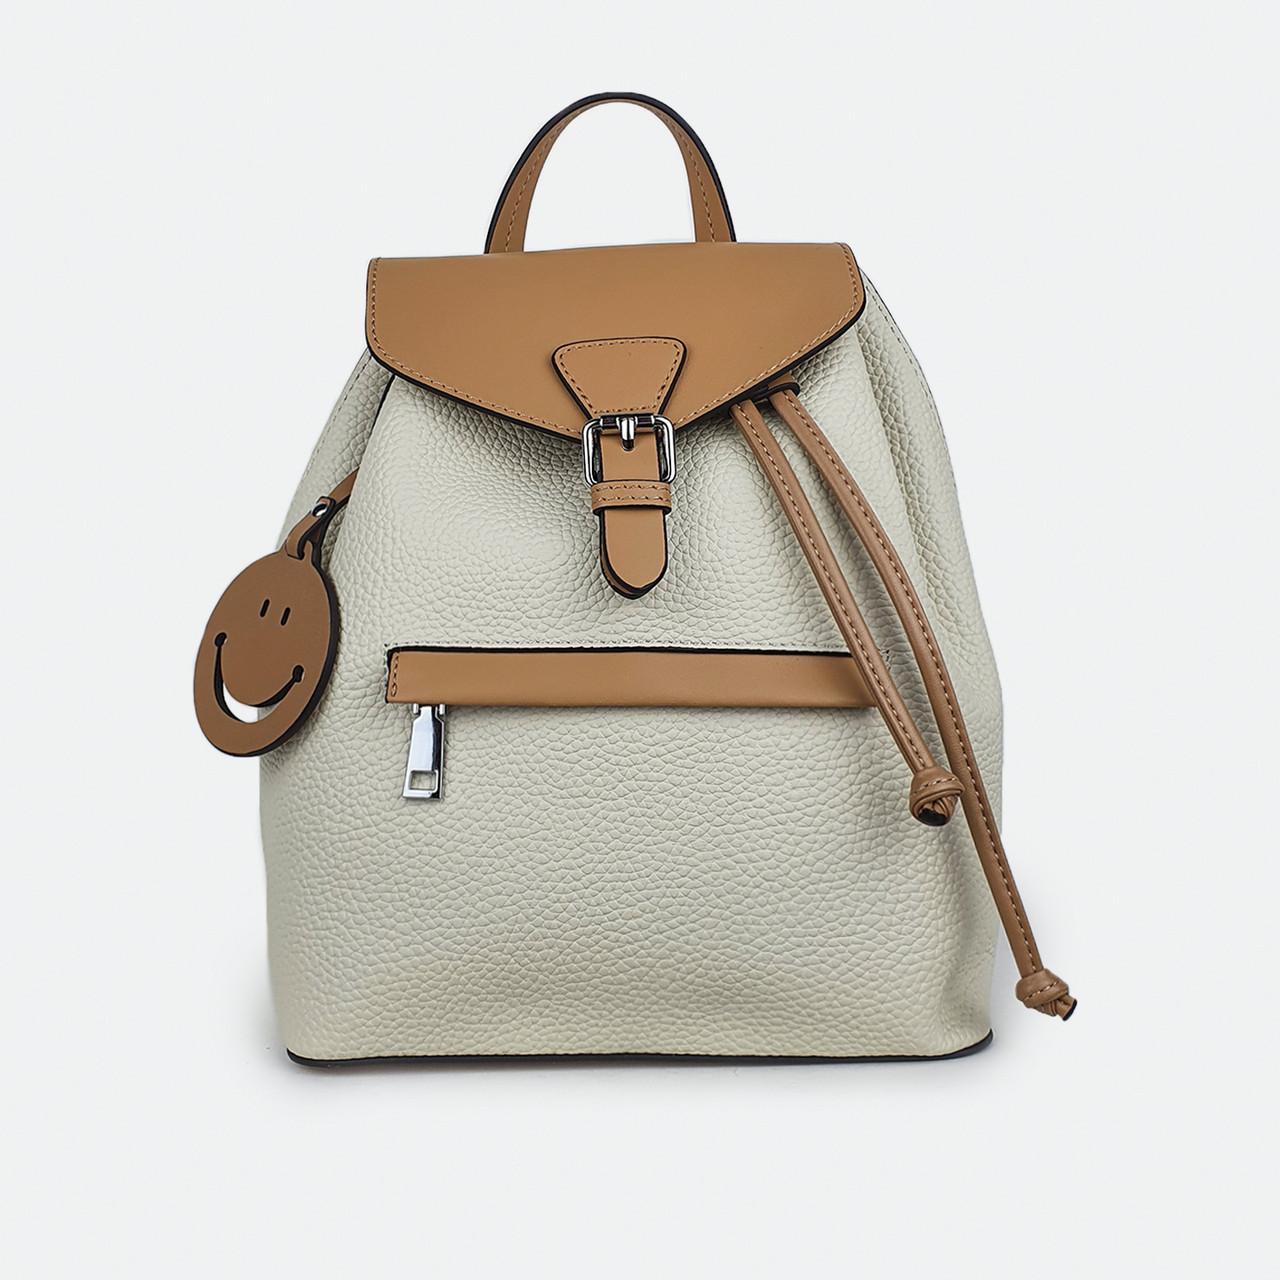 Кожаный женский рюкзак бежевый средний городской 81096